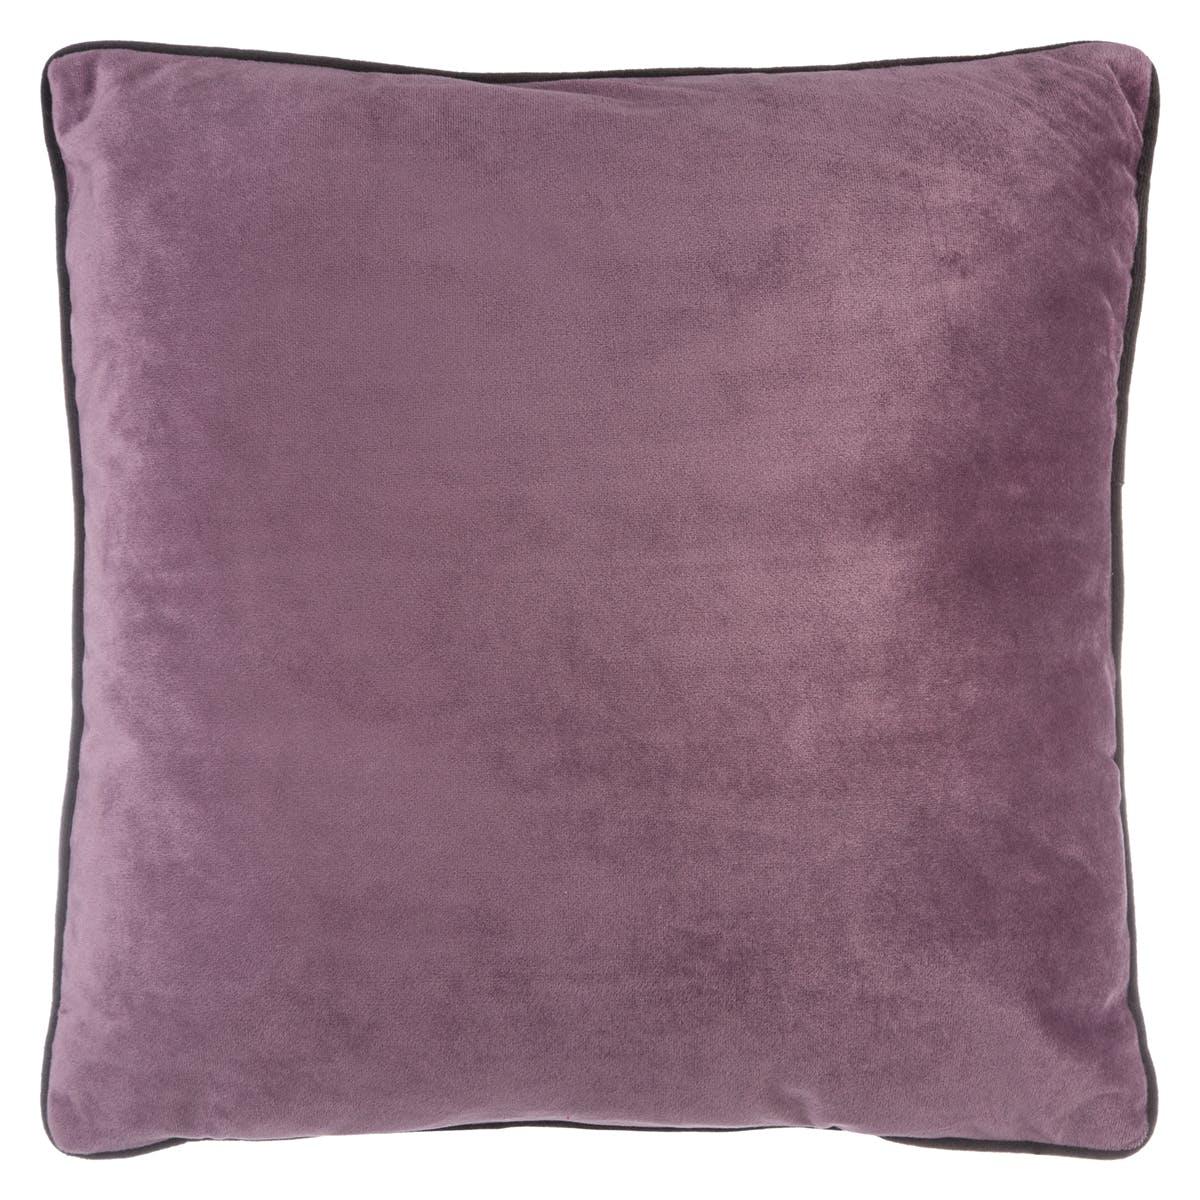 Coussin carré uni en velours coloris prune passepoil noir 40x40cm